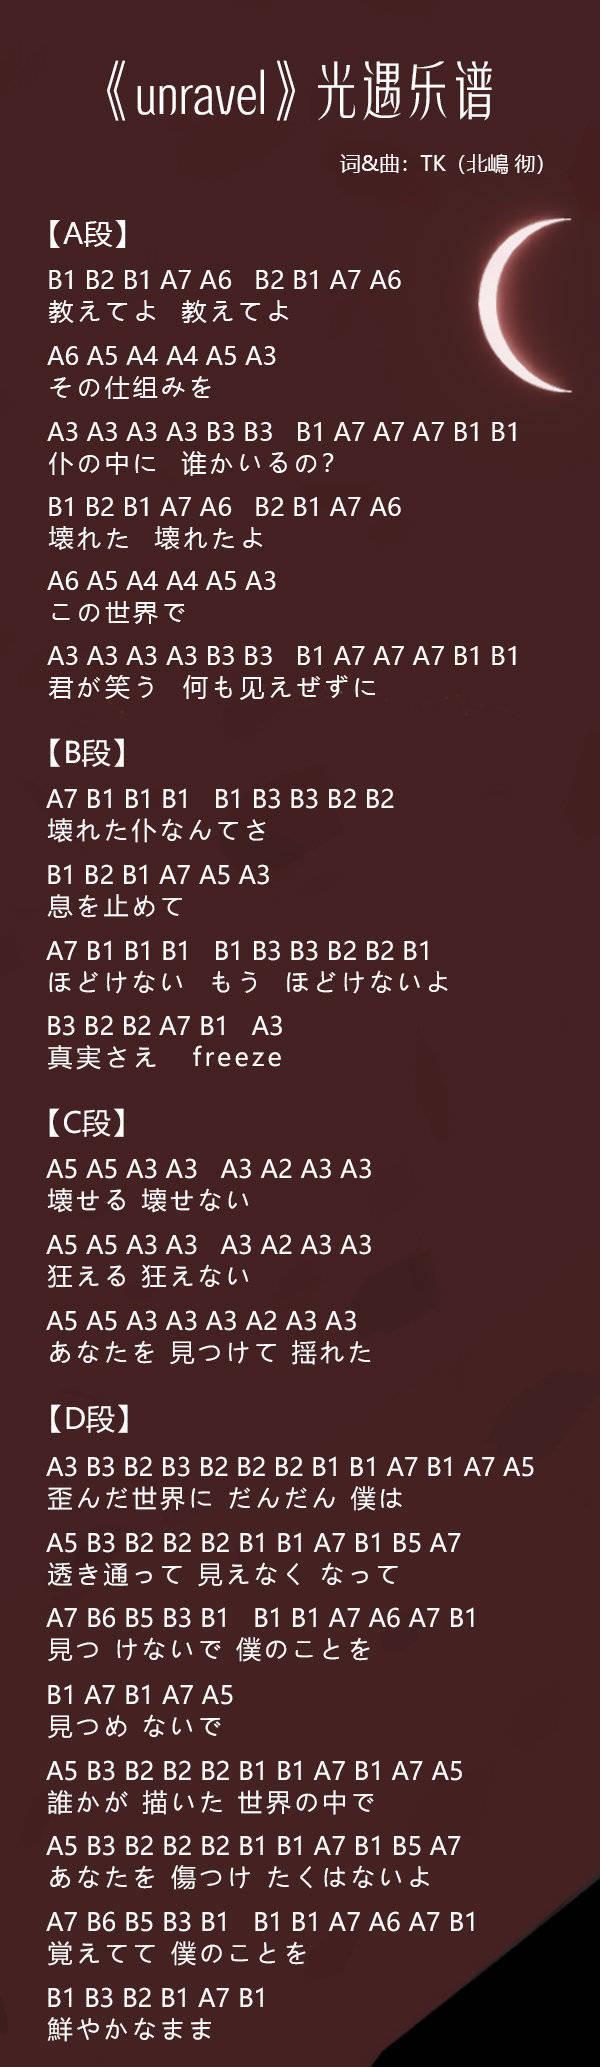 光遇东京喰种主题曲乐谱分享,乐谱弹奏方法图文解析[视频][多图]